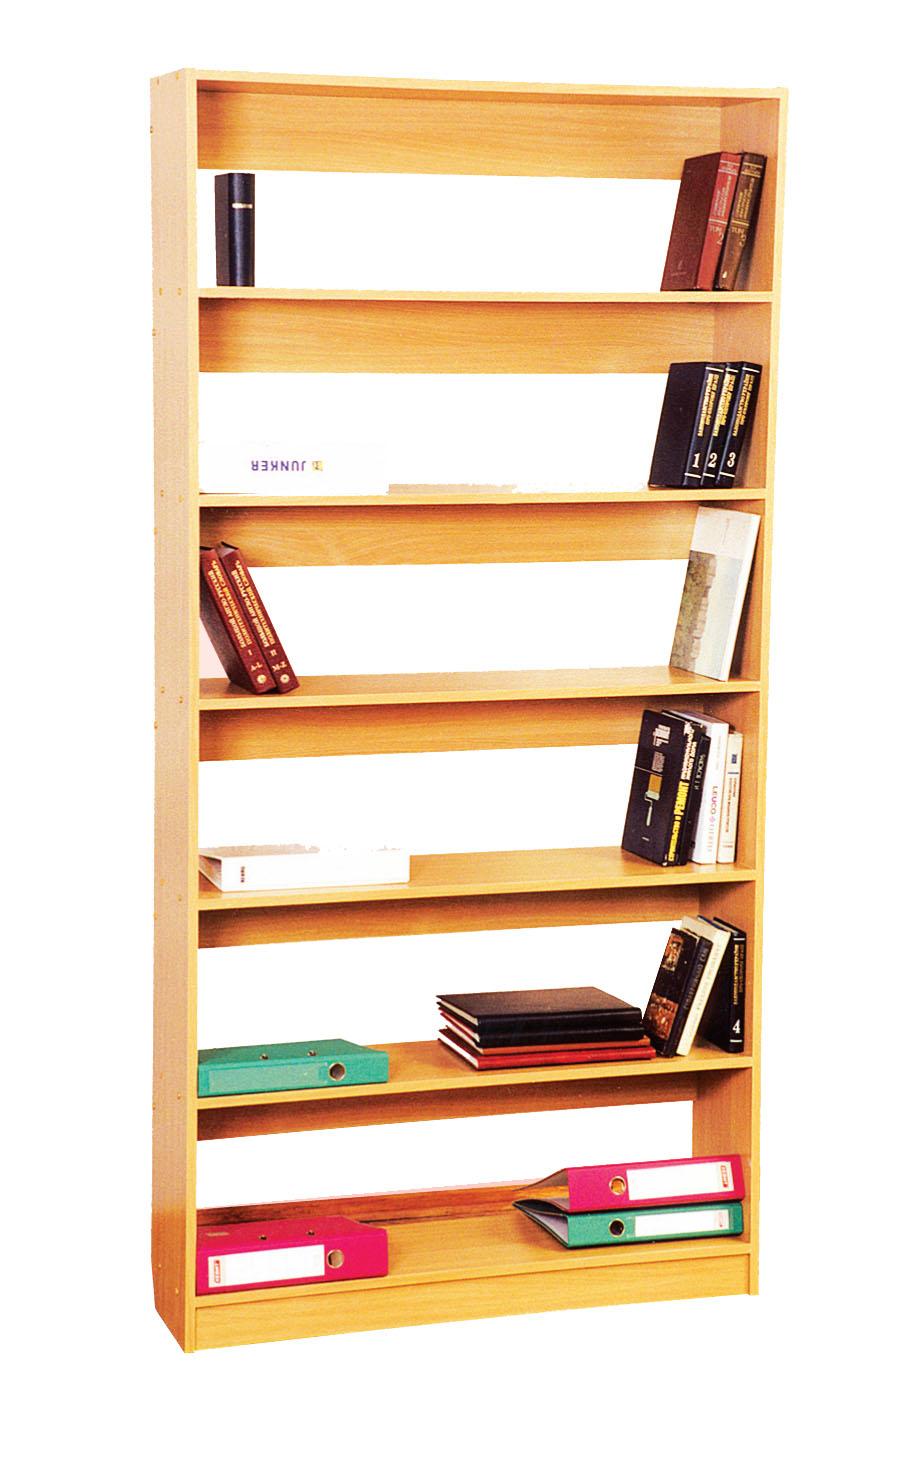 Стеллаж односторонний (луЧ) - стеллажи, школьная мебель.